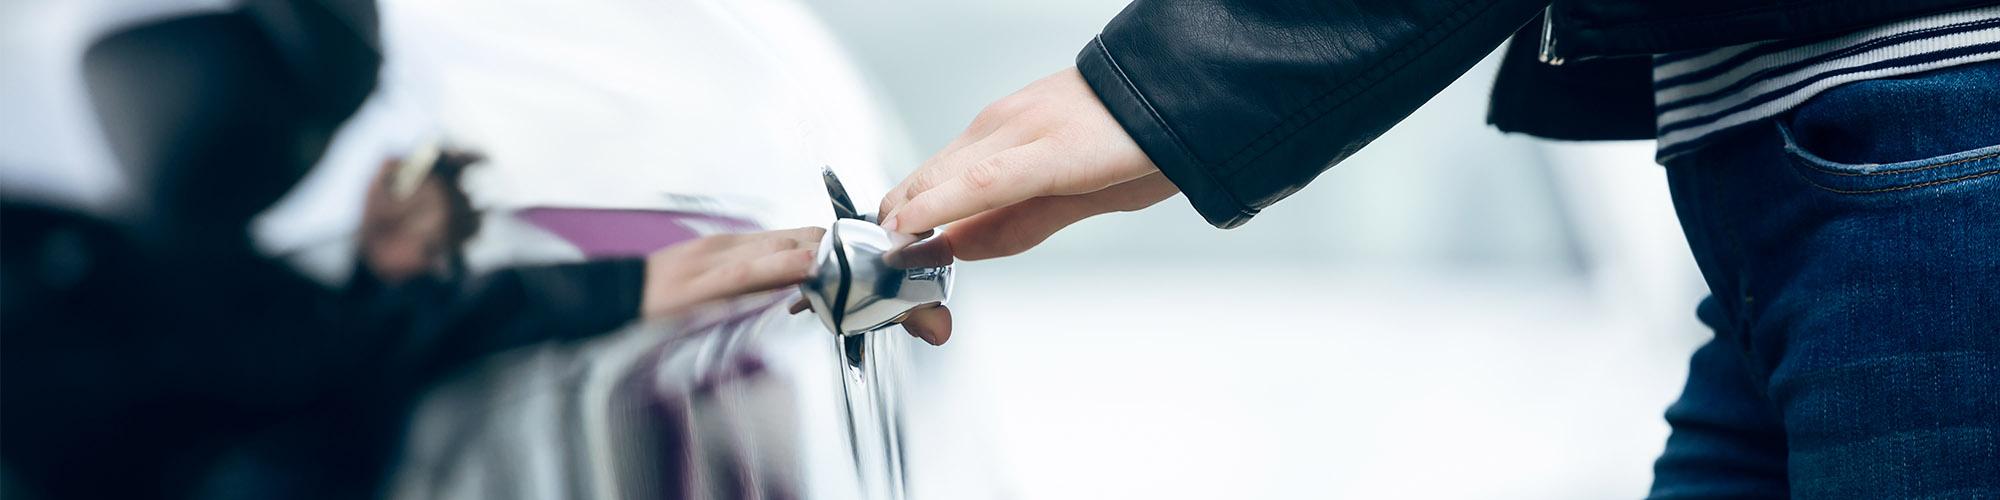 Agencija G Dobrodošli - UNIQA osiguranje - Kasko auto osiguranje slide